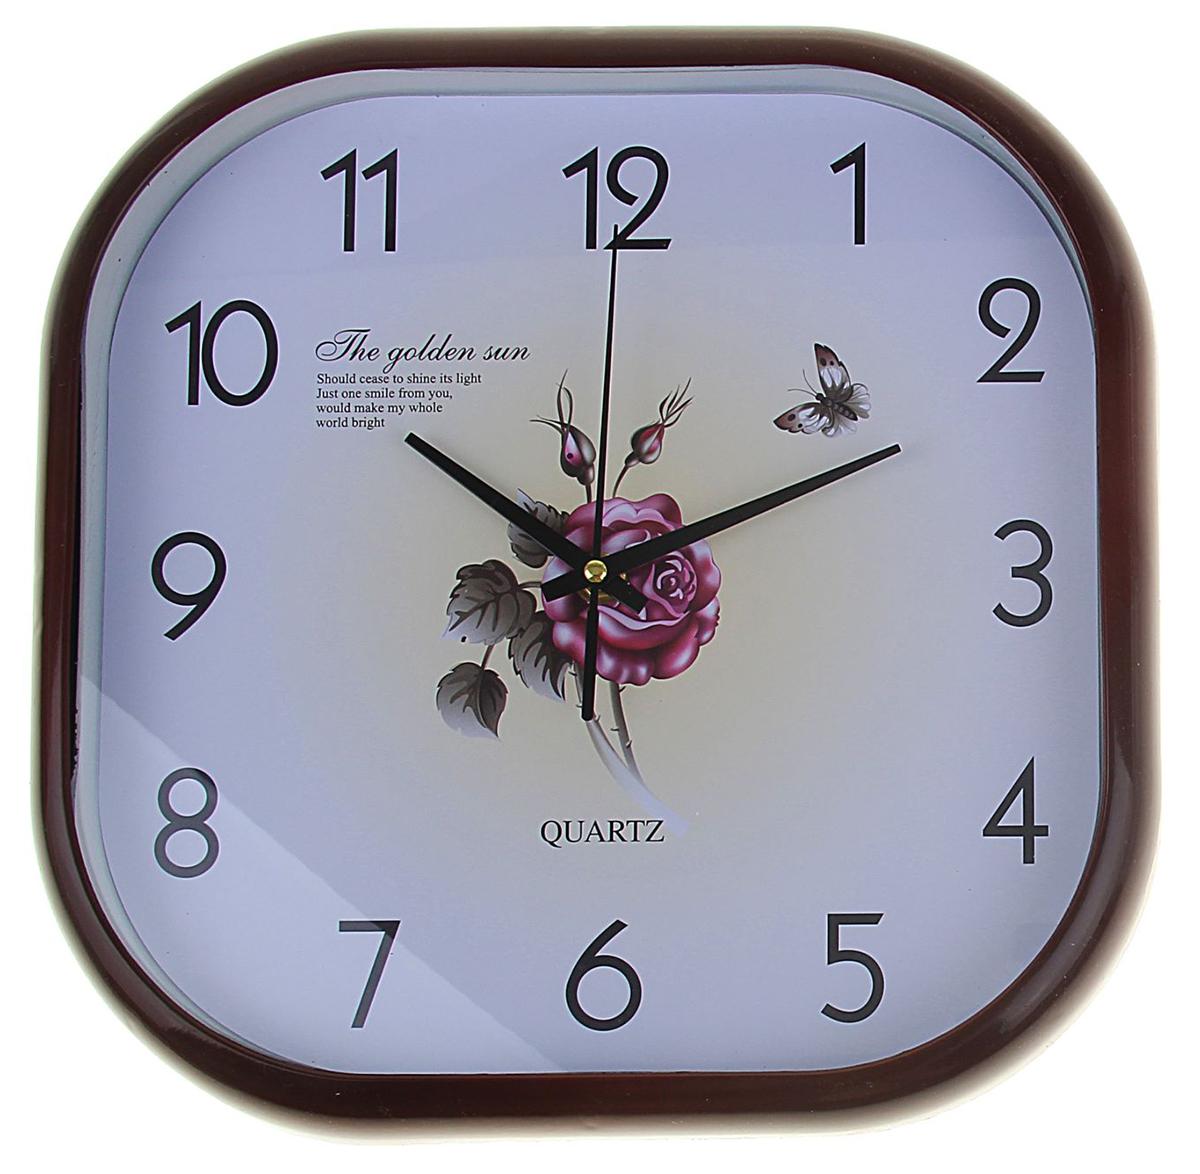 Часы настенные Роза. 12511541251154Каждому хозяину периодически приходит мысль обновить свою квартиру, сделать ремонт, перестановку или кардинально поменять внешний вид каждой комнаты. Часы настенные Бабочка и цветы, квадратные с закругленными углами, 30 ? 30 см, коричневая рама — привлекательная деталь, которая поможет воплотить вашу интерьерную идею, создать неповторимую атмосферу в вашем доме. Окружите себя приятными мелочами, пусть они радуют глаз и дарят гармонию.Часы настенные сюжэетные, квадрат с обтекаемыми углами, Роза, бежевый циферблат, корич обод, 30х30